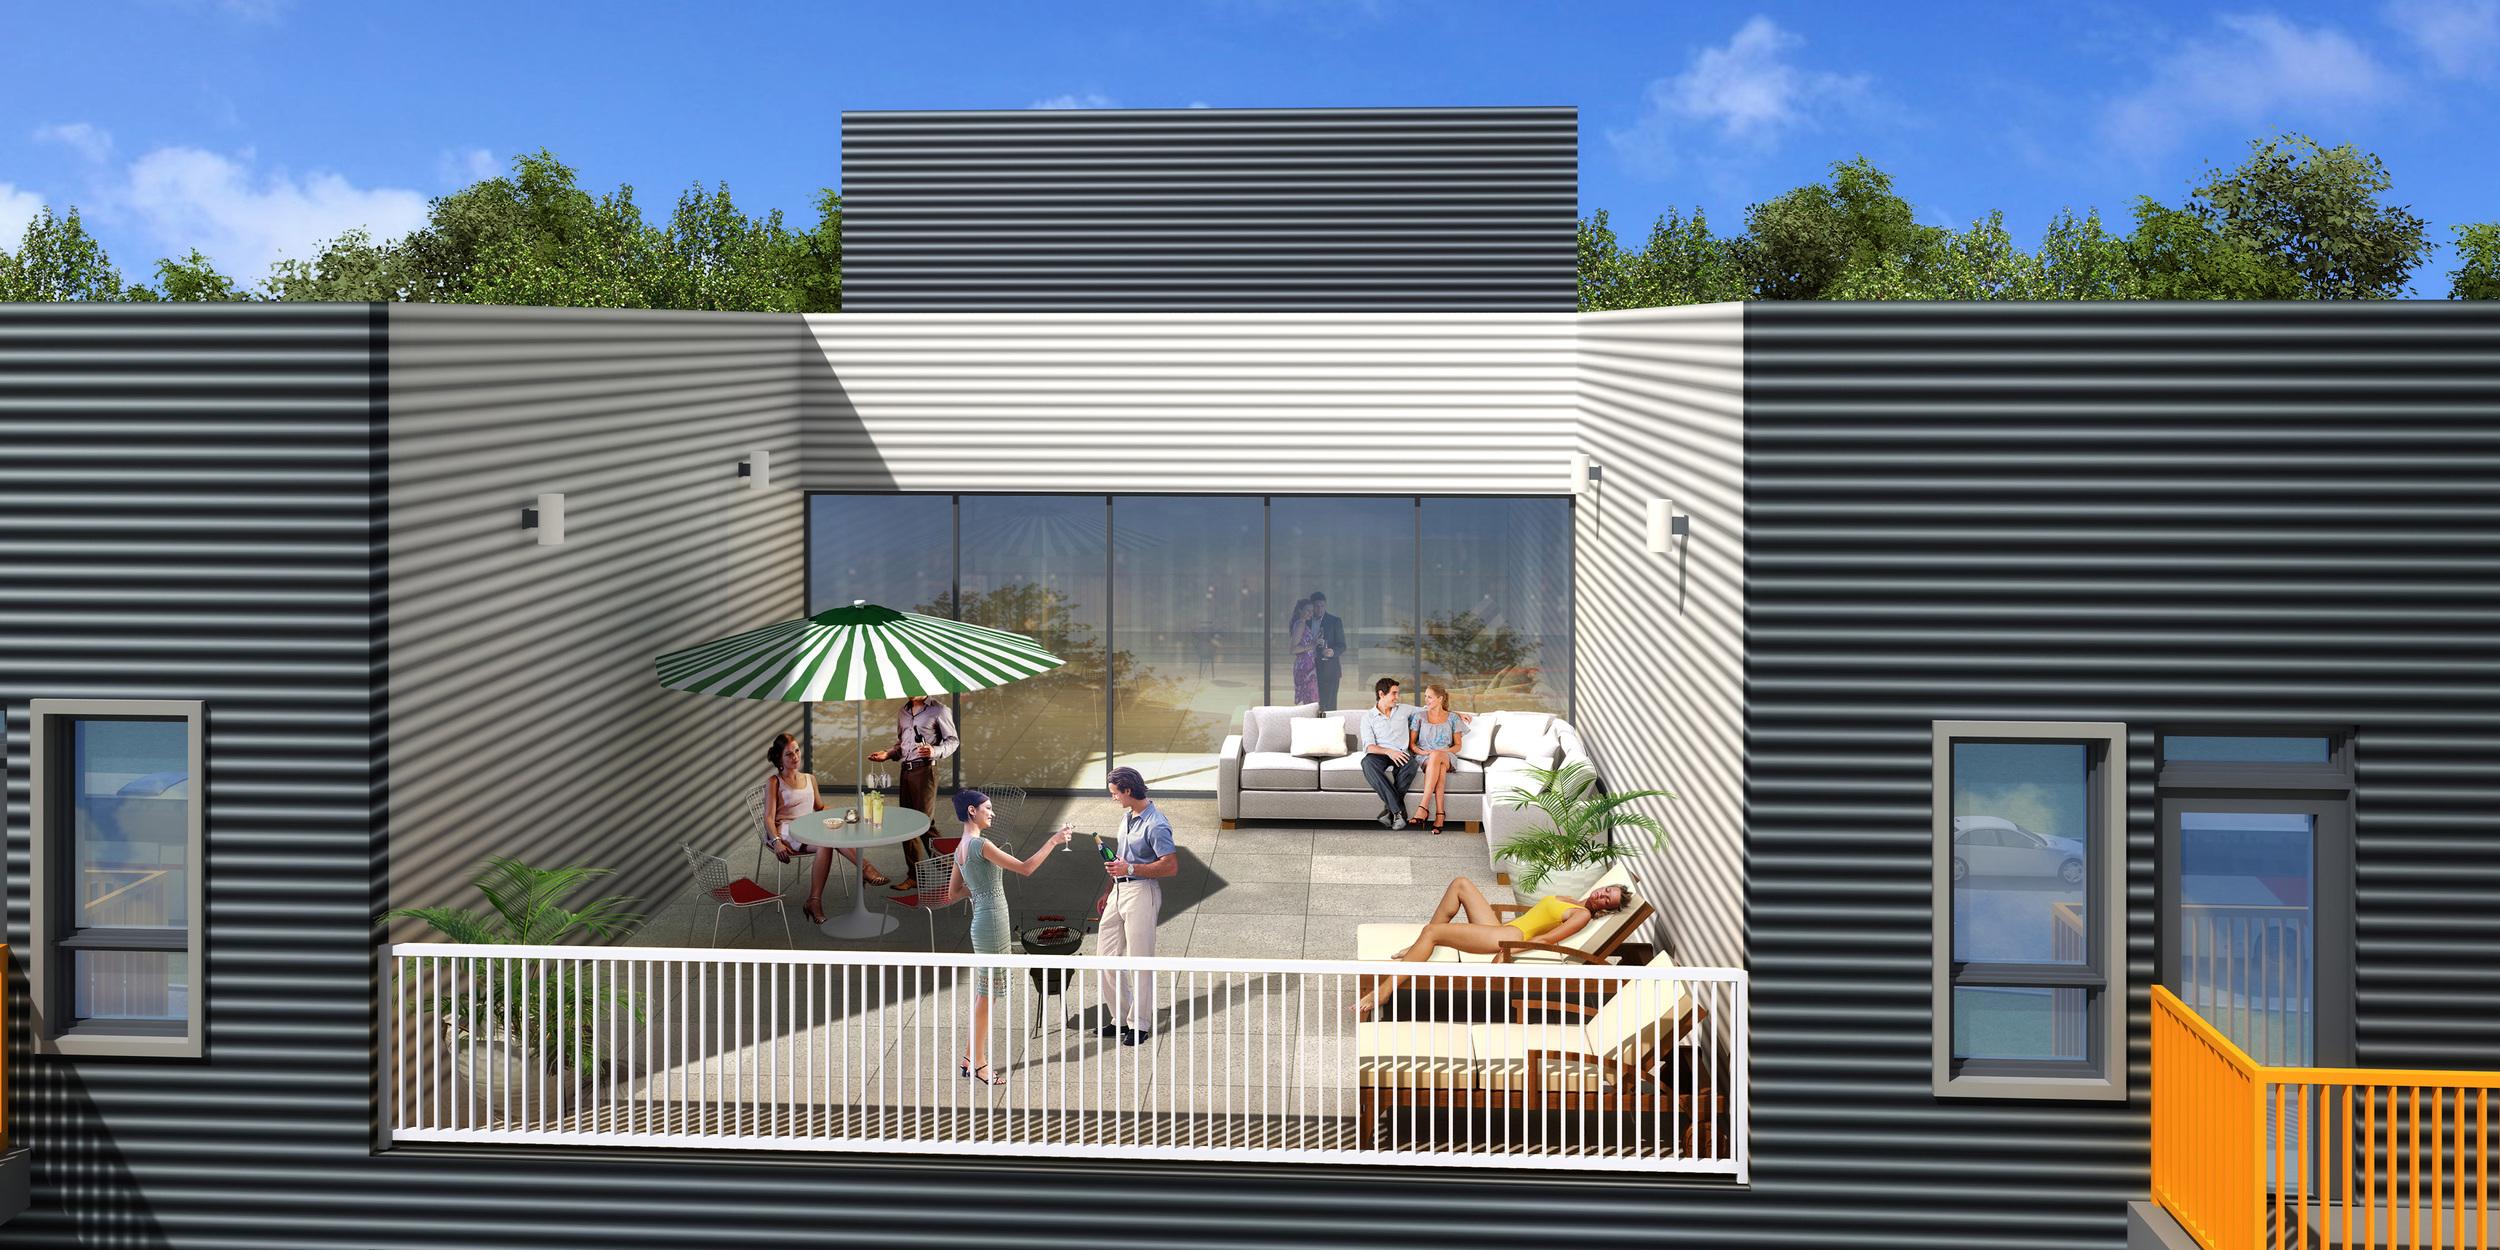 Moco-rooftop-823-01_o.jpg